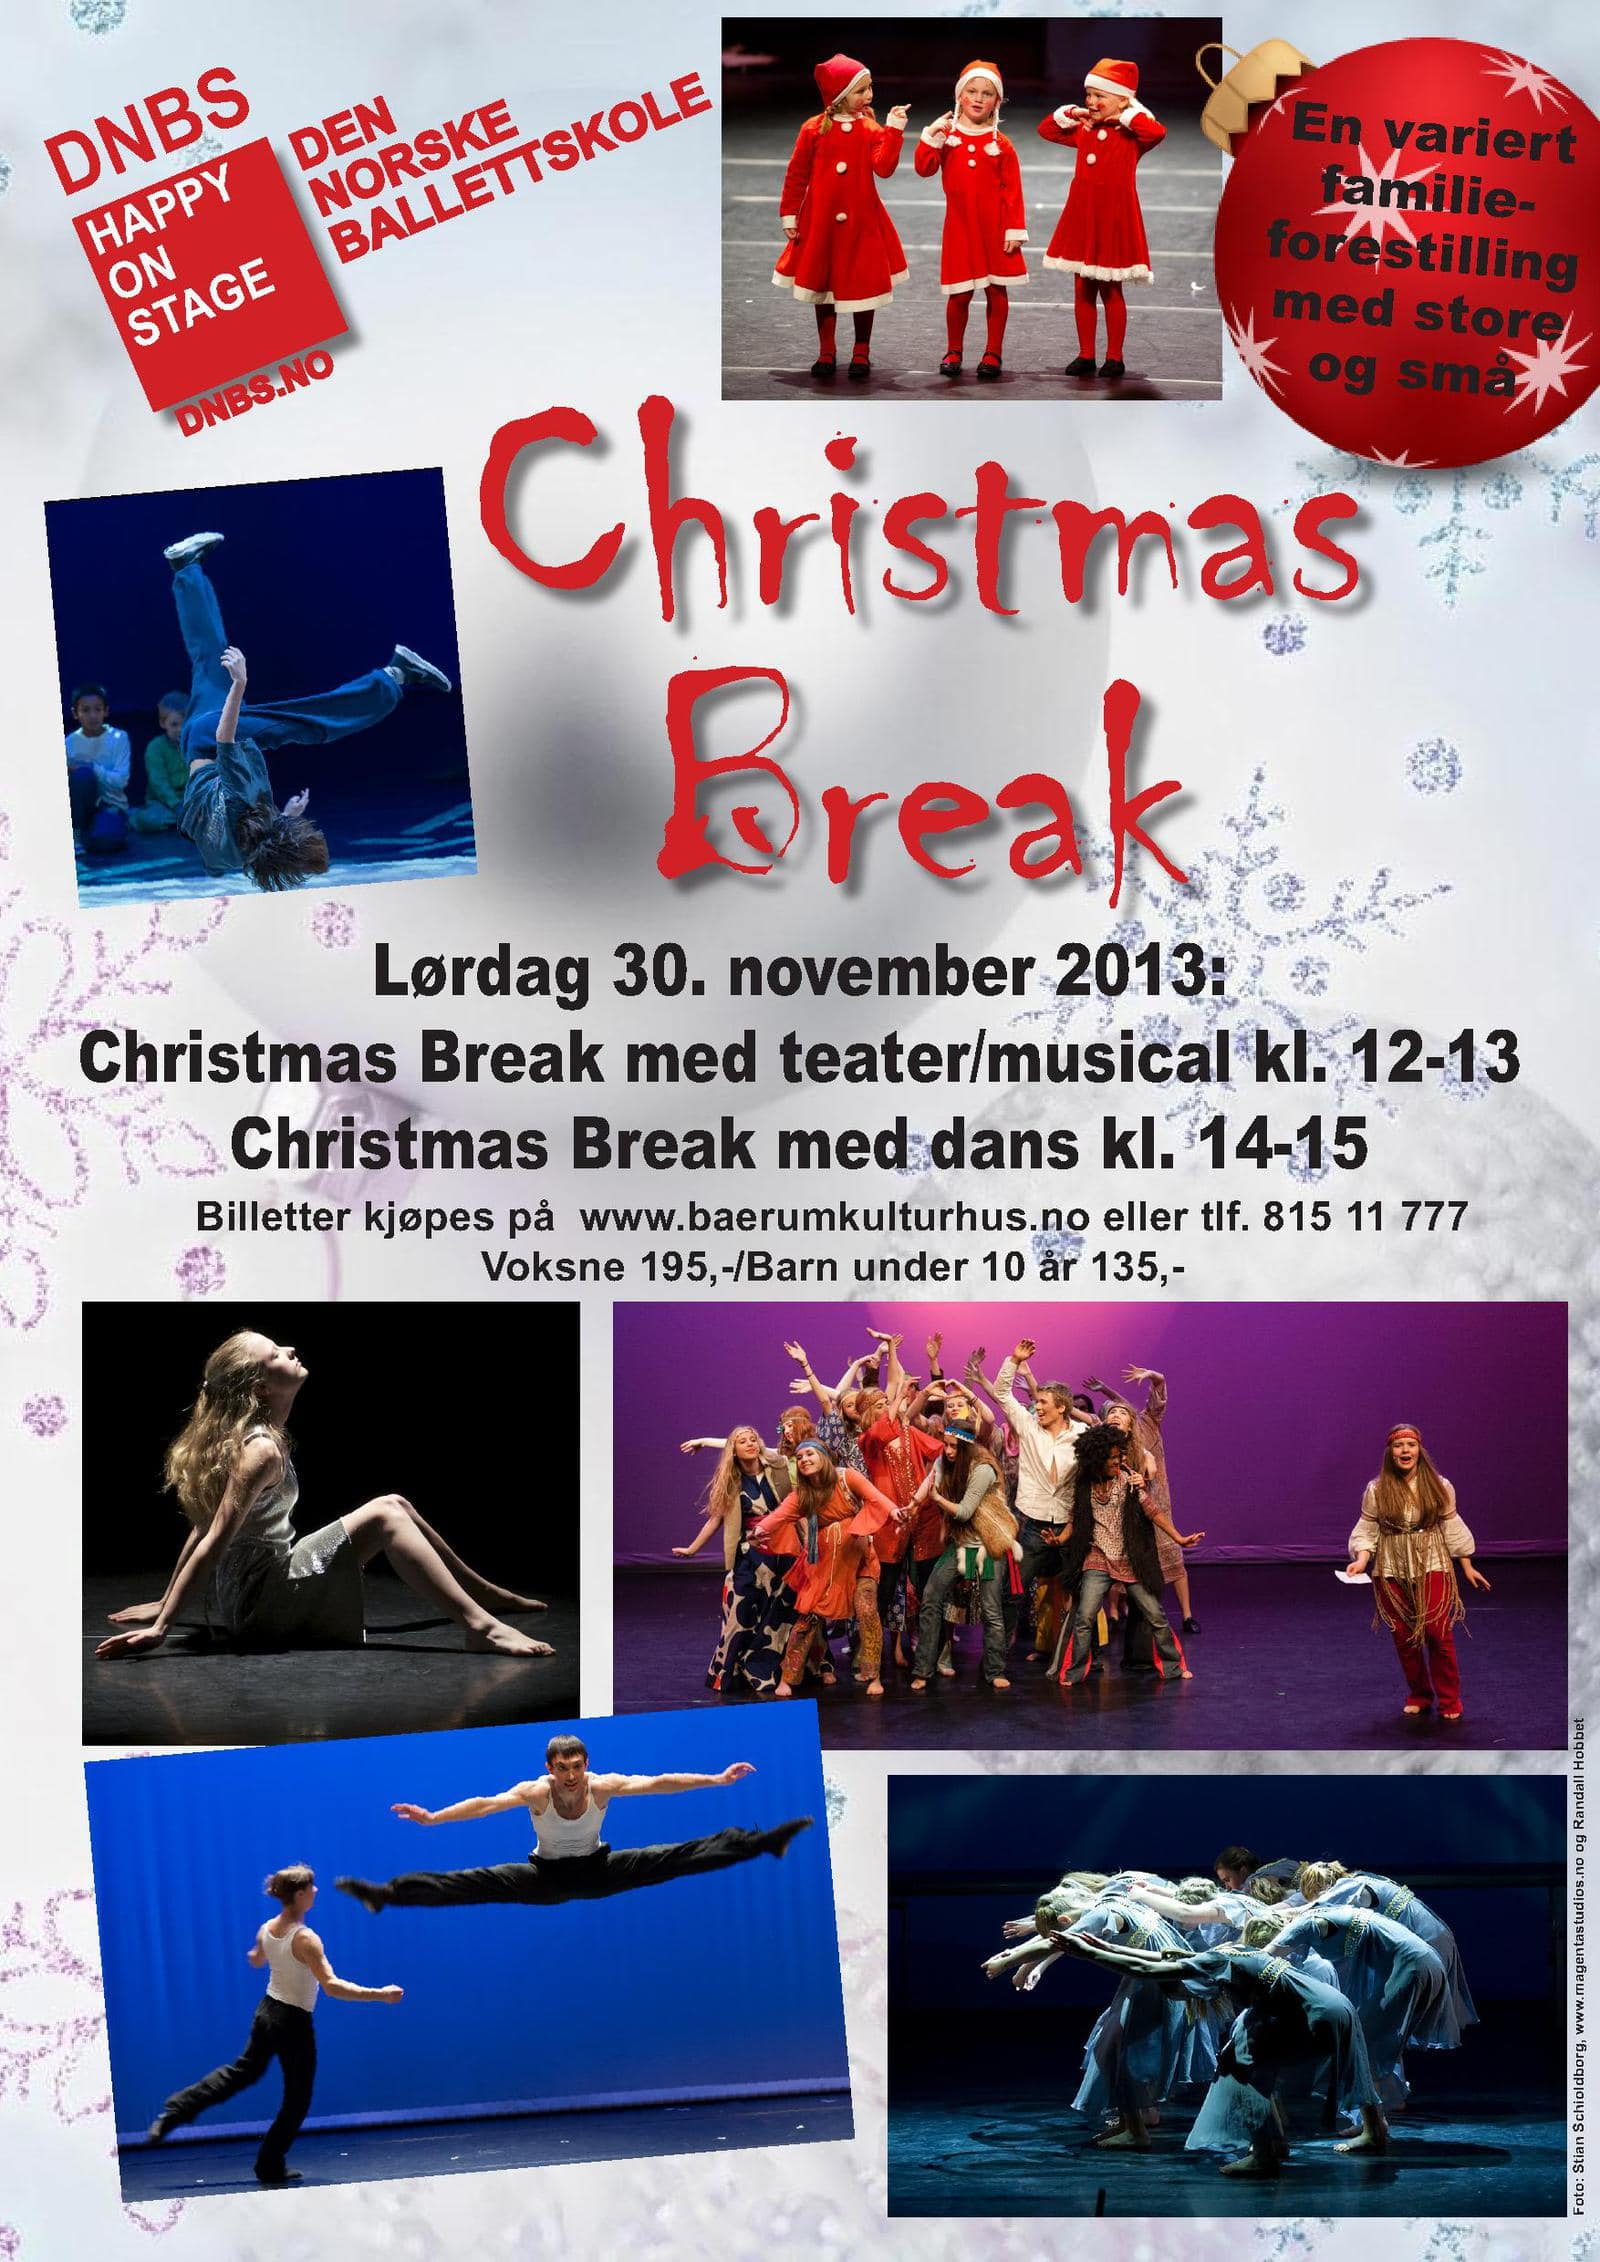 plakat christmasbreakjul2013 bærum kulturhus_1